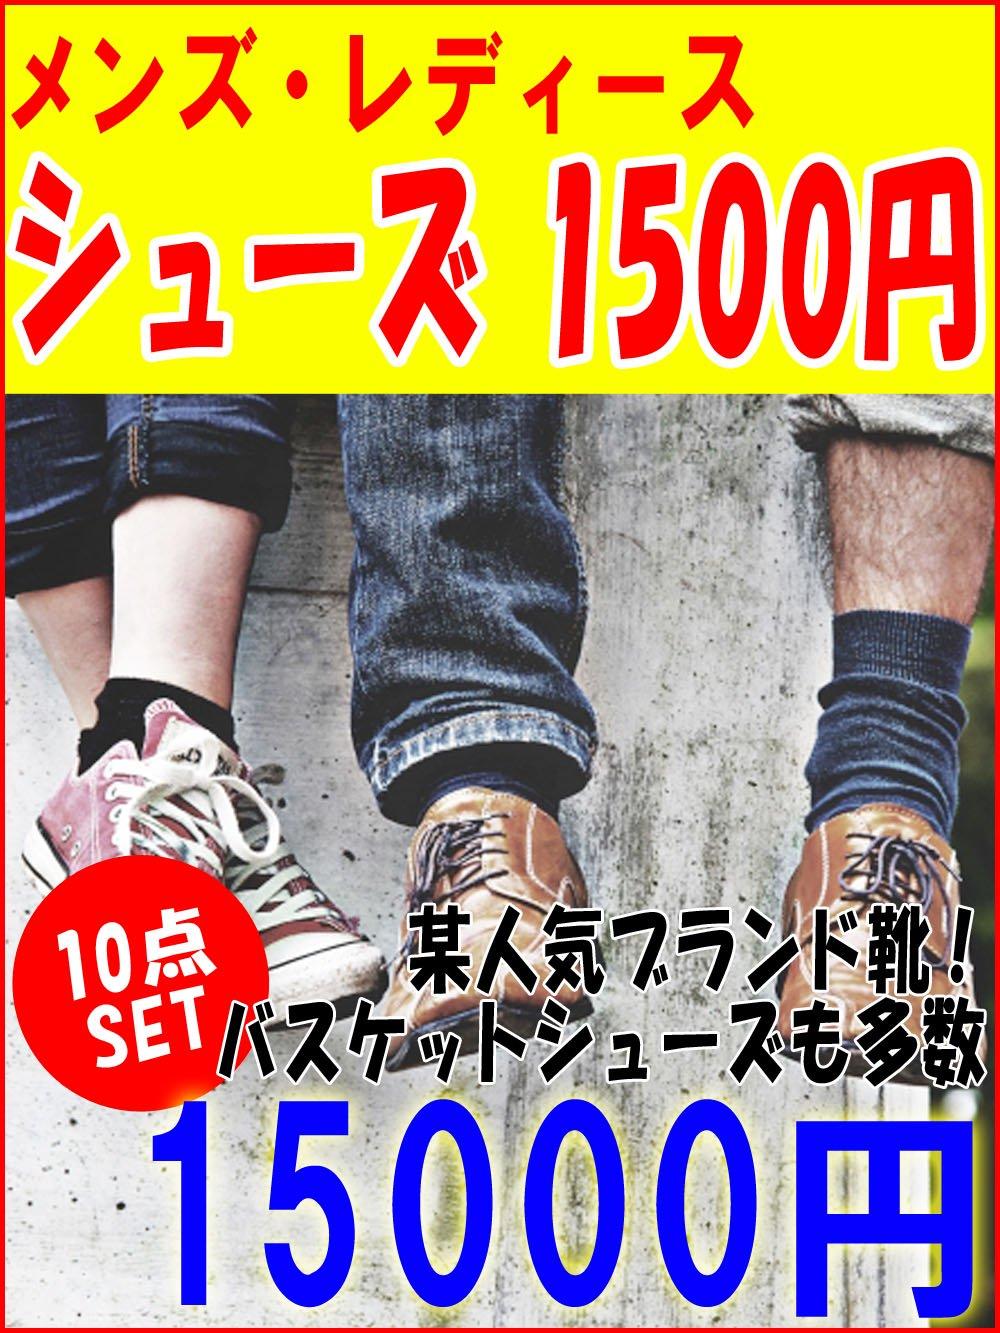 【 人気のバスケットシューズ多数】メンズ・レディース 某ブランド靴★シューズアソートセット【10点】@1500